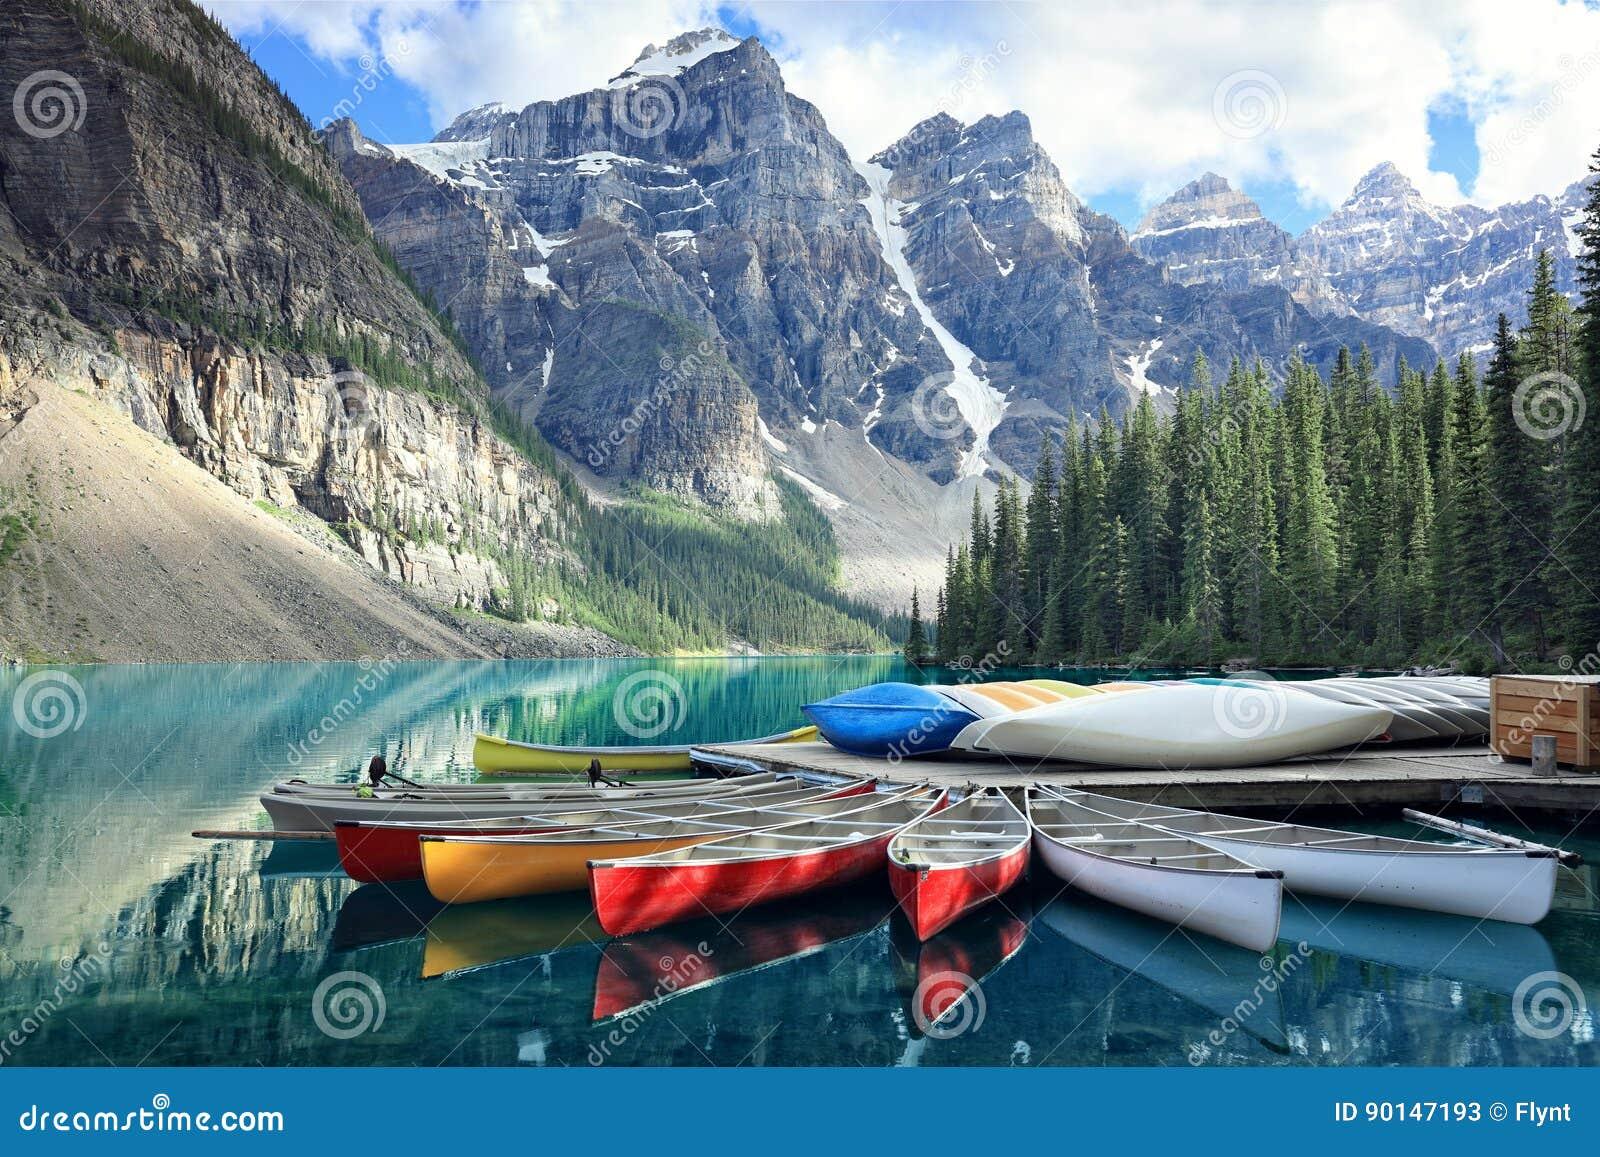 Lago in Rocky Mountains, Alberta, Canada moraine